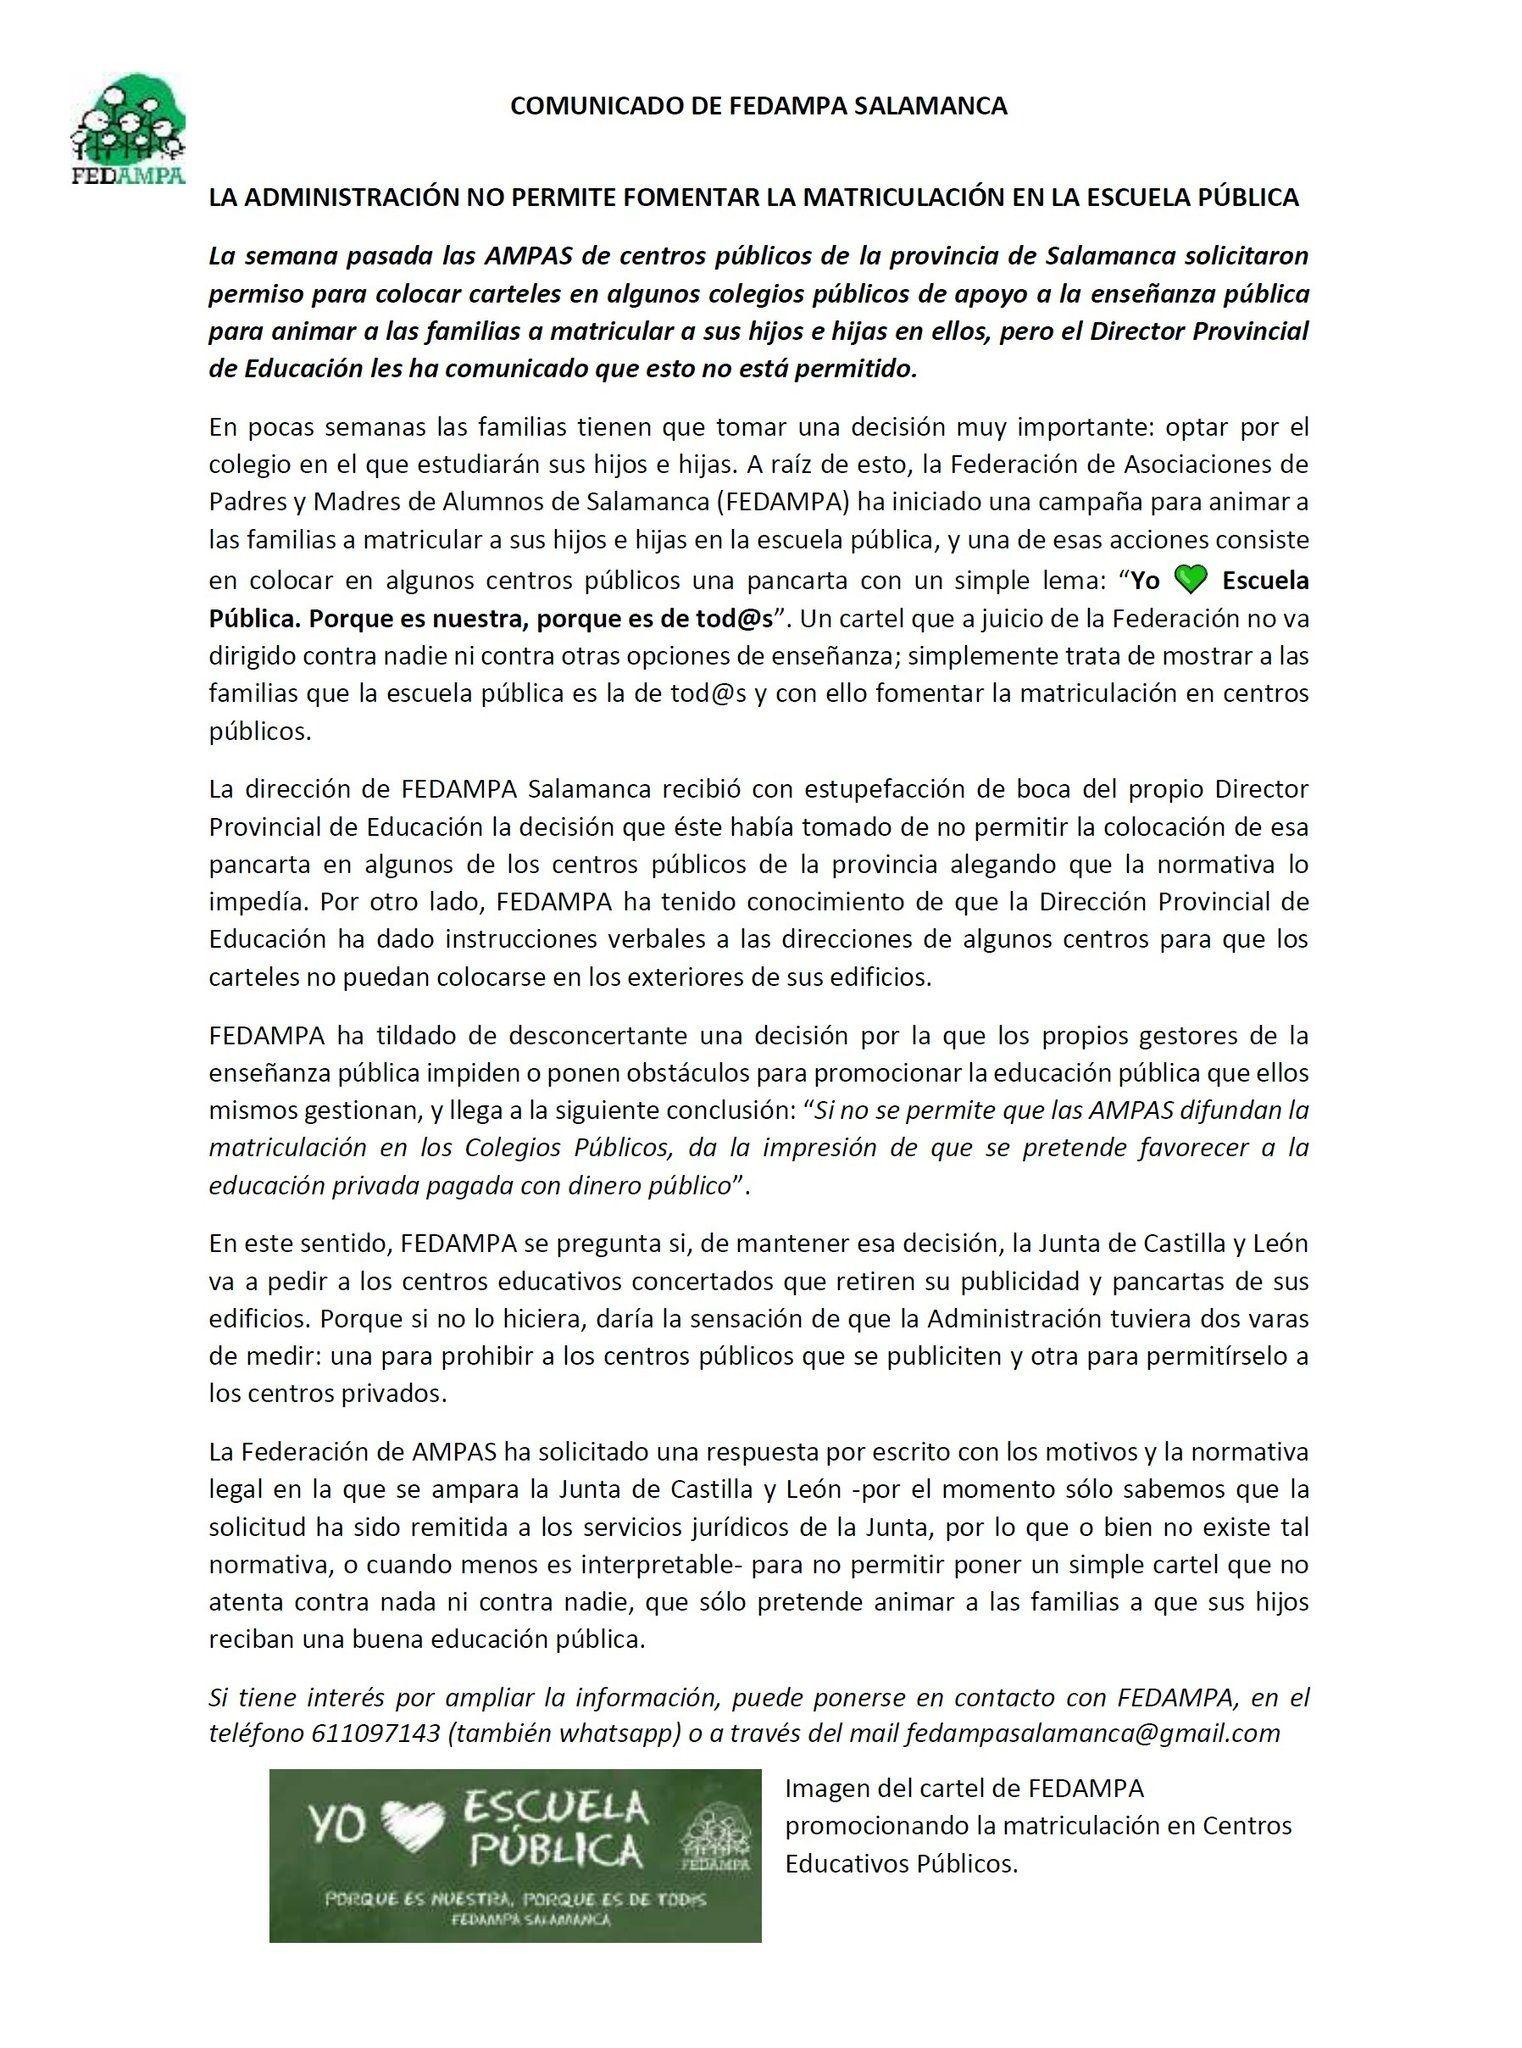 Comunicado-FEDAMPA